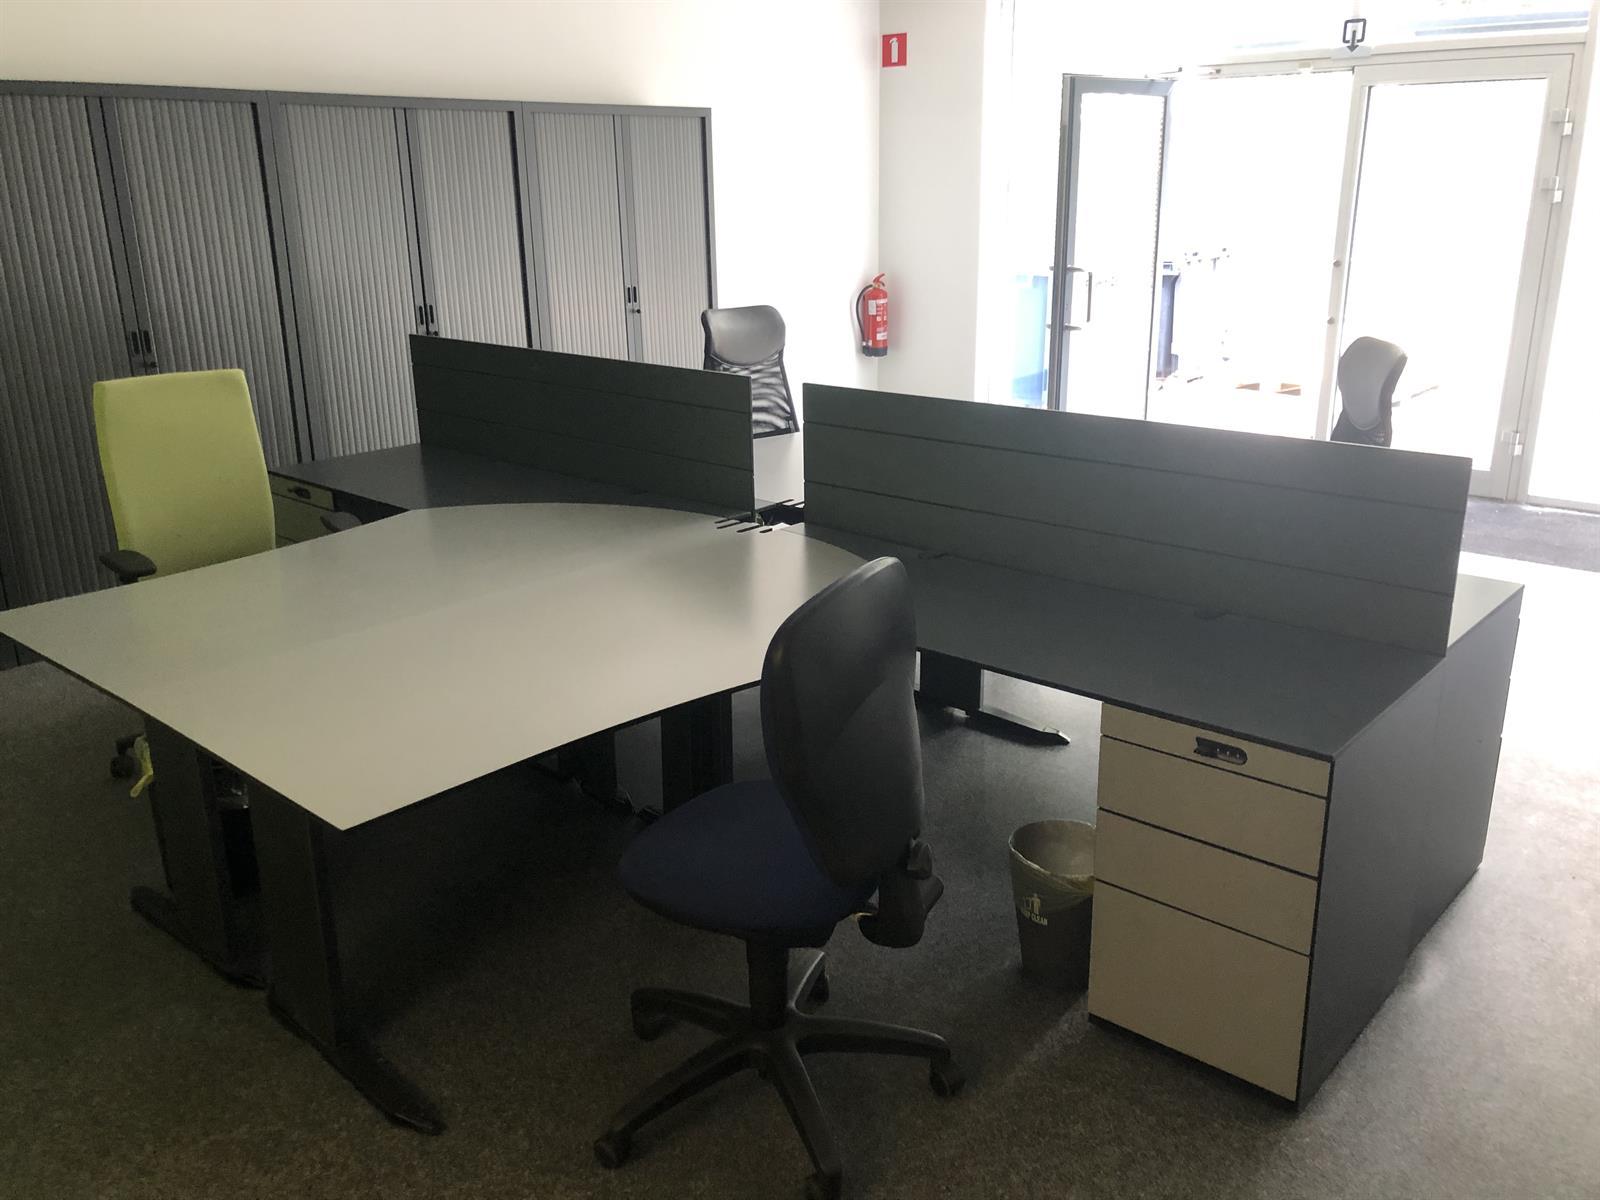 kantoor te huur I168 - Saffierstraat 5, 2200 Herentals, België 3